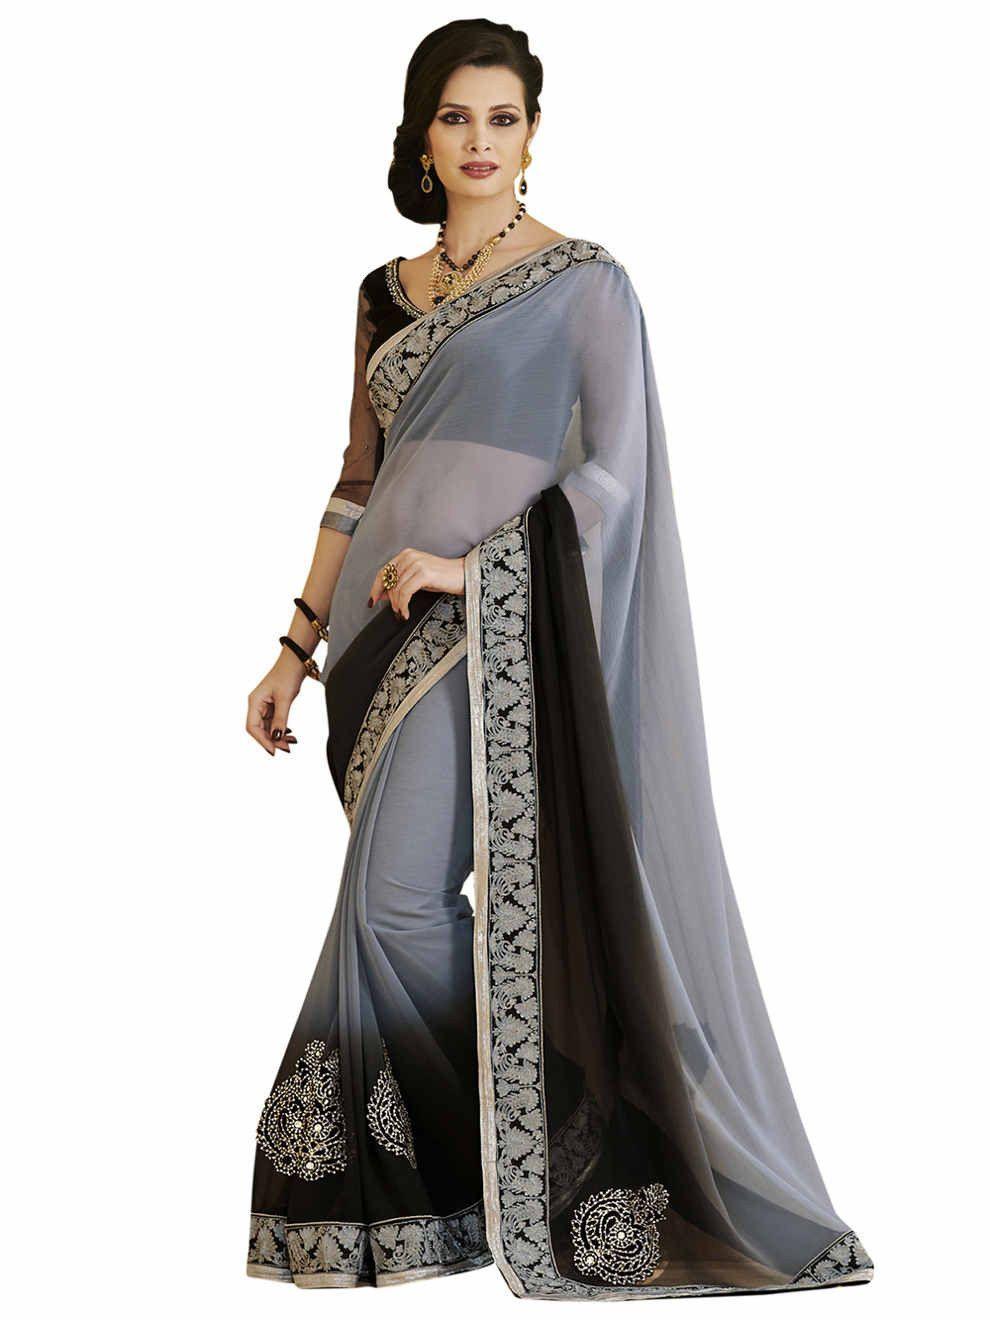 Saree blouse design for chiffon saree melluha heritage grey chiffon designer saree  products  pinterest